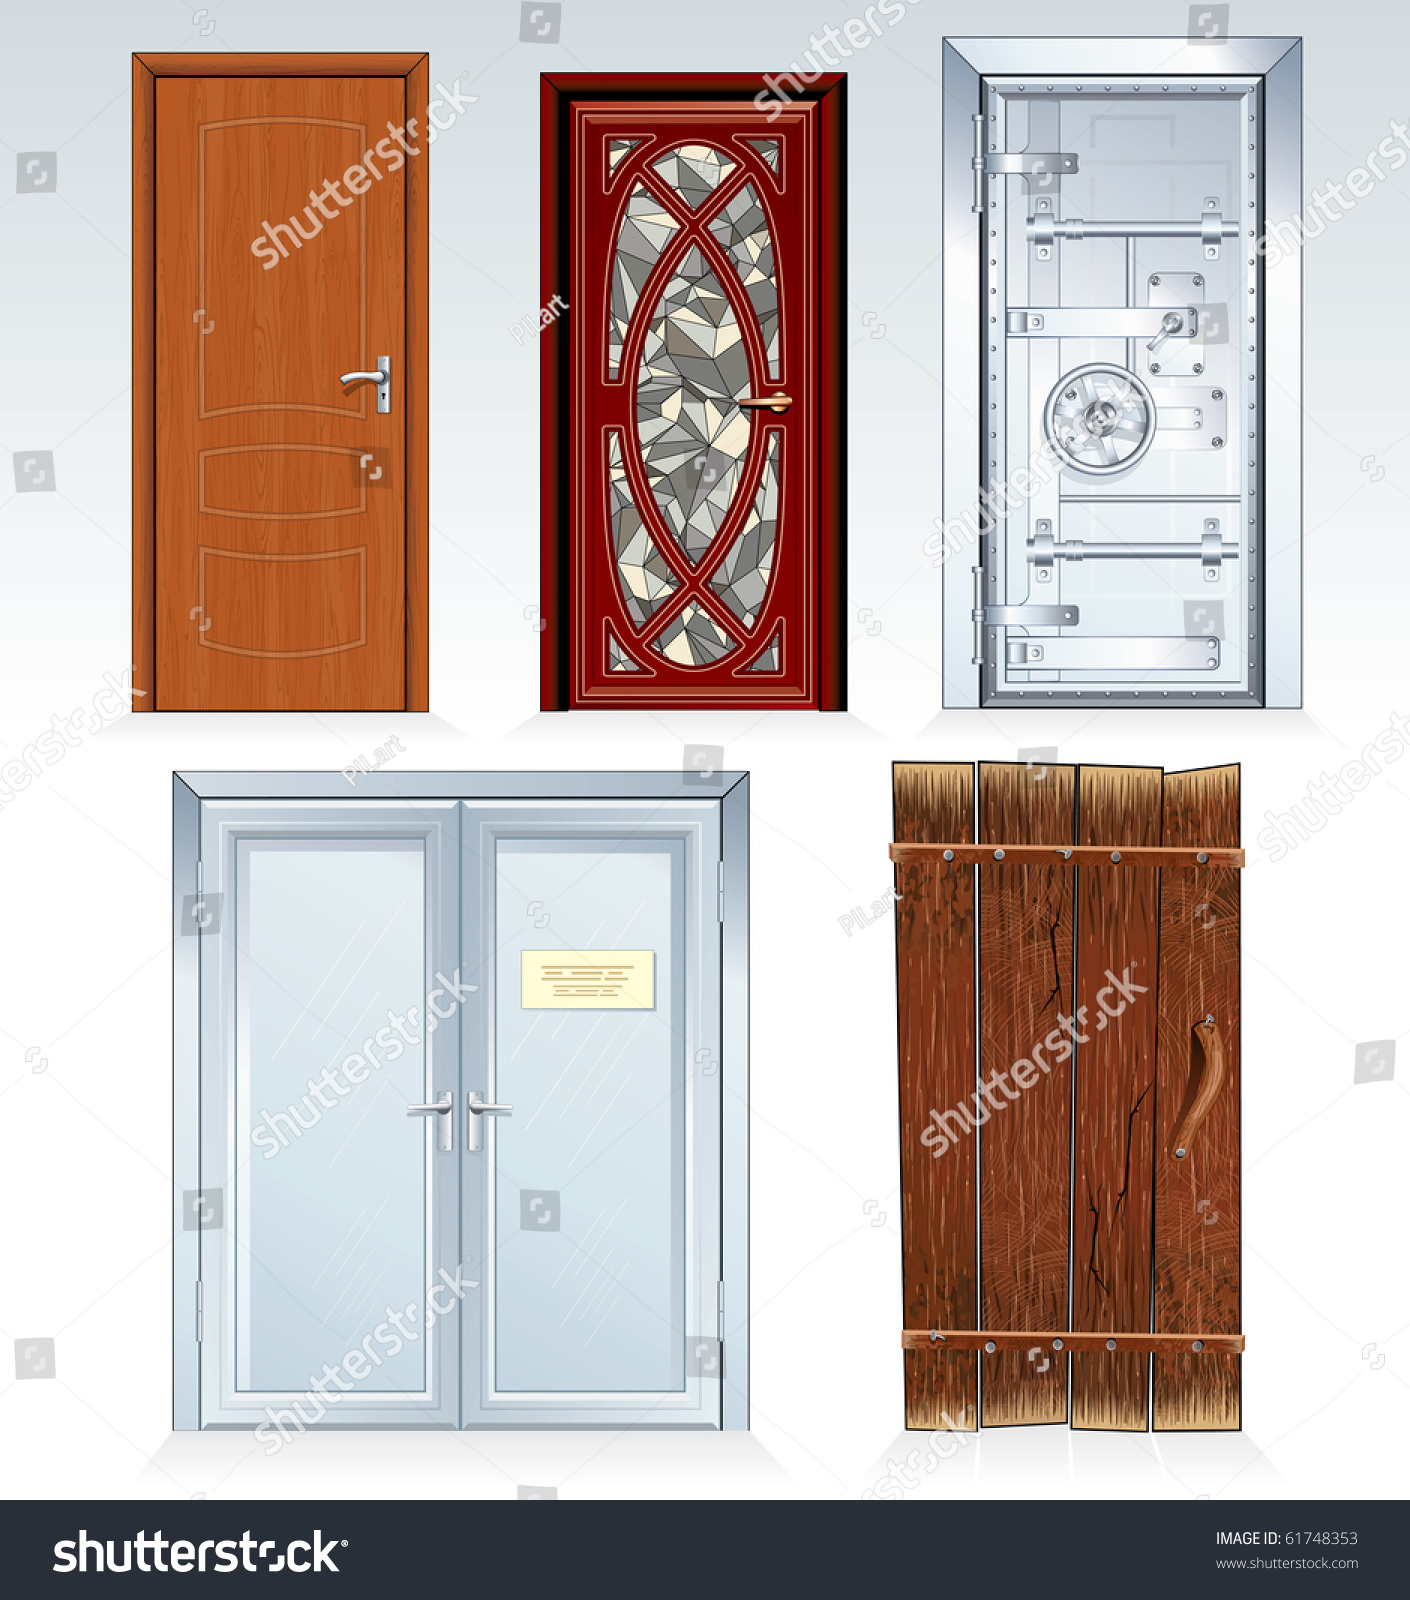 Doors Collection classic bank vault doorwooden door church front door office  sc 1 st  Shutterstock & Doors Collection Classic Bank Vault Doorwooden Stock Vector ... pezcame.com